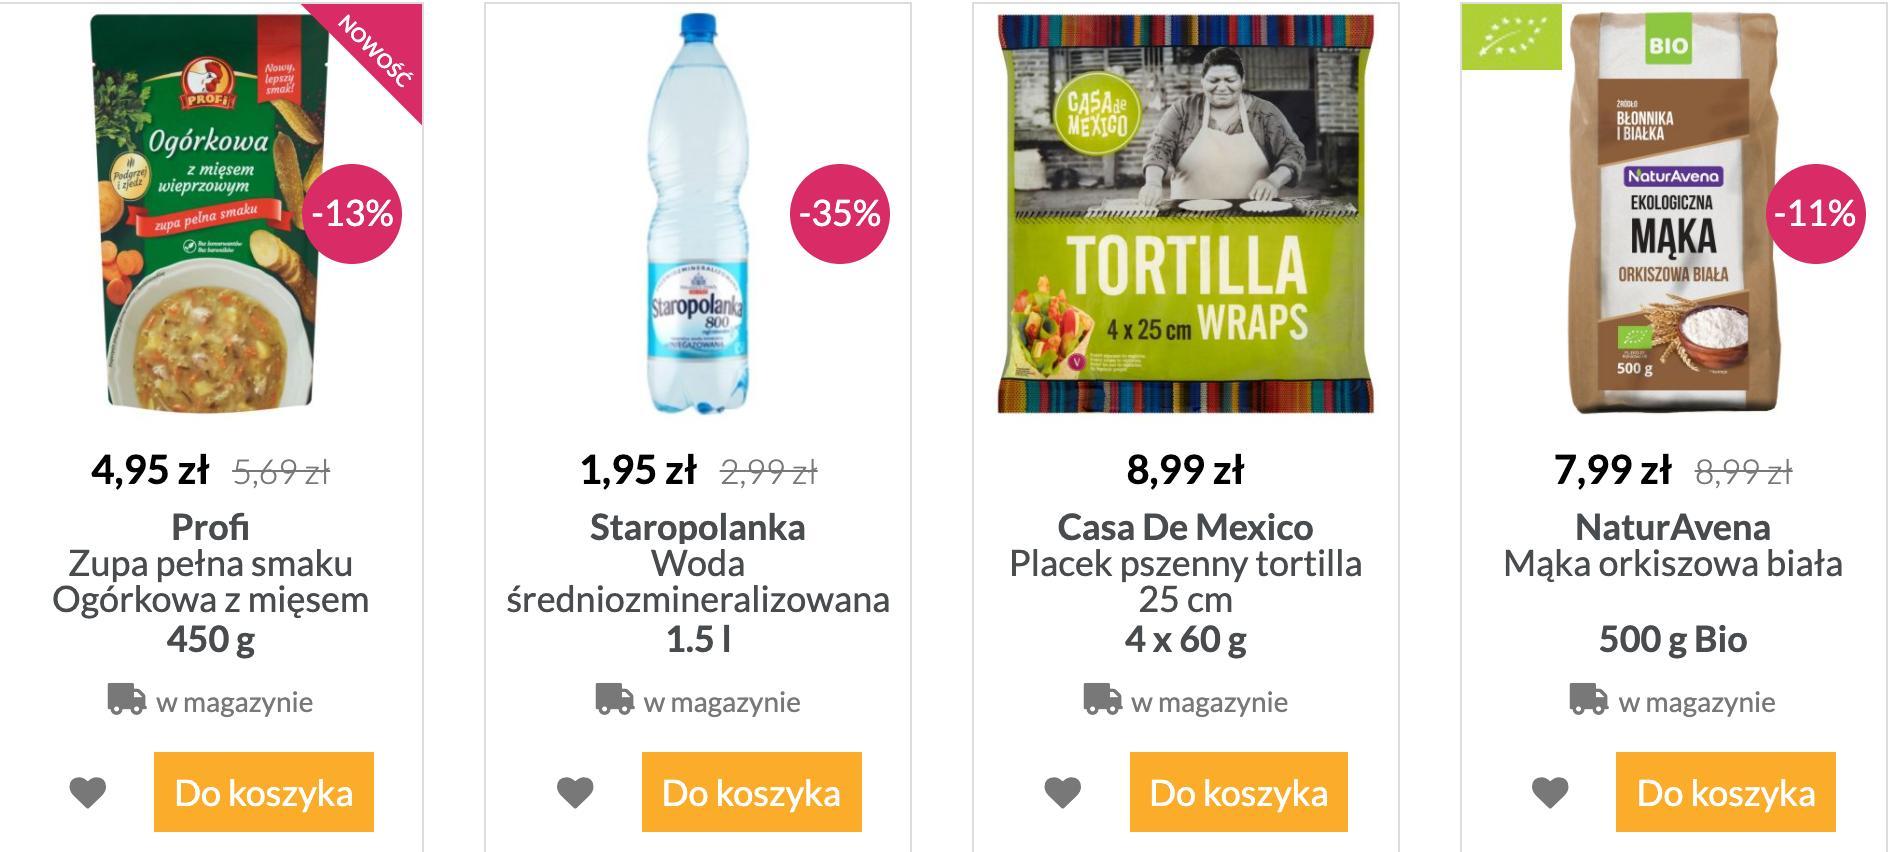 Bee.pl: wyprzedaż do 70% rabatu na zdrową żywność, kosmetyki i artykuły dla dzieci